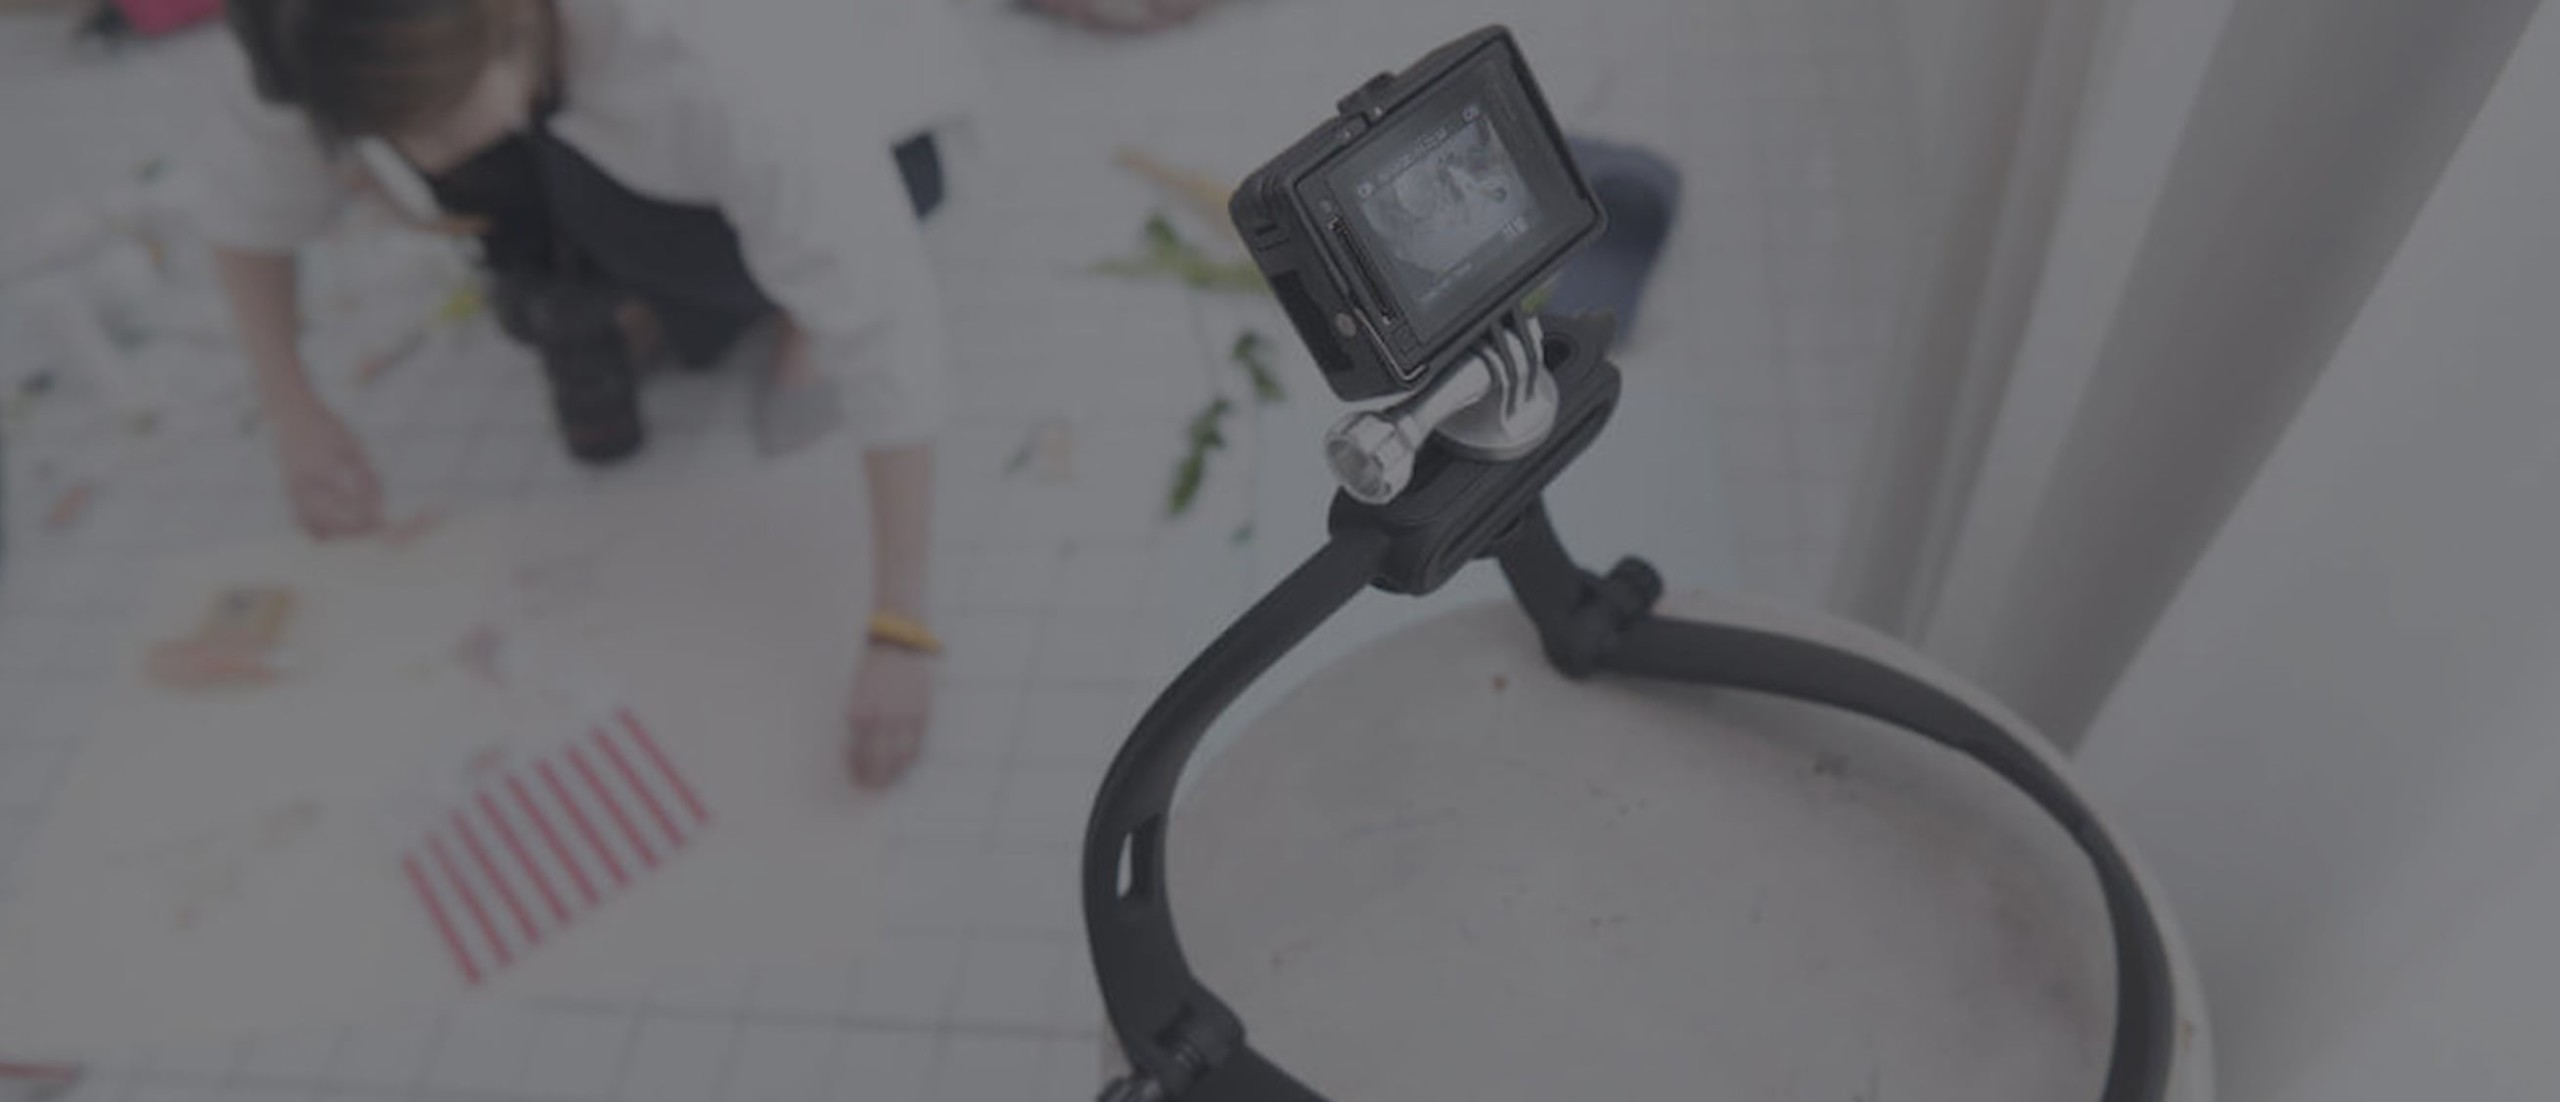 SELDI 7-in-1 Wearable Video Rig